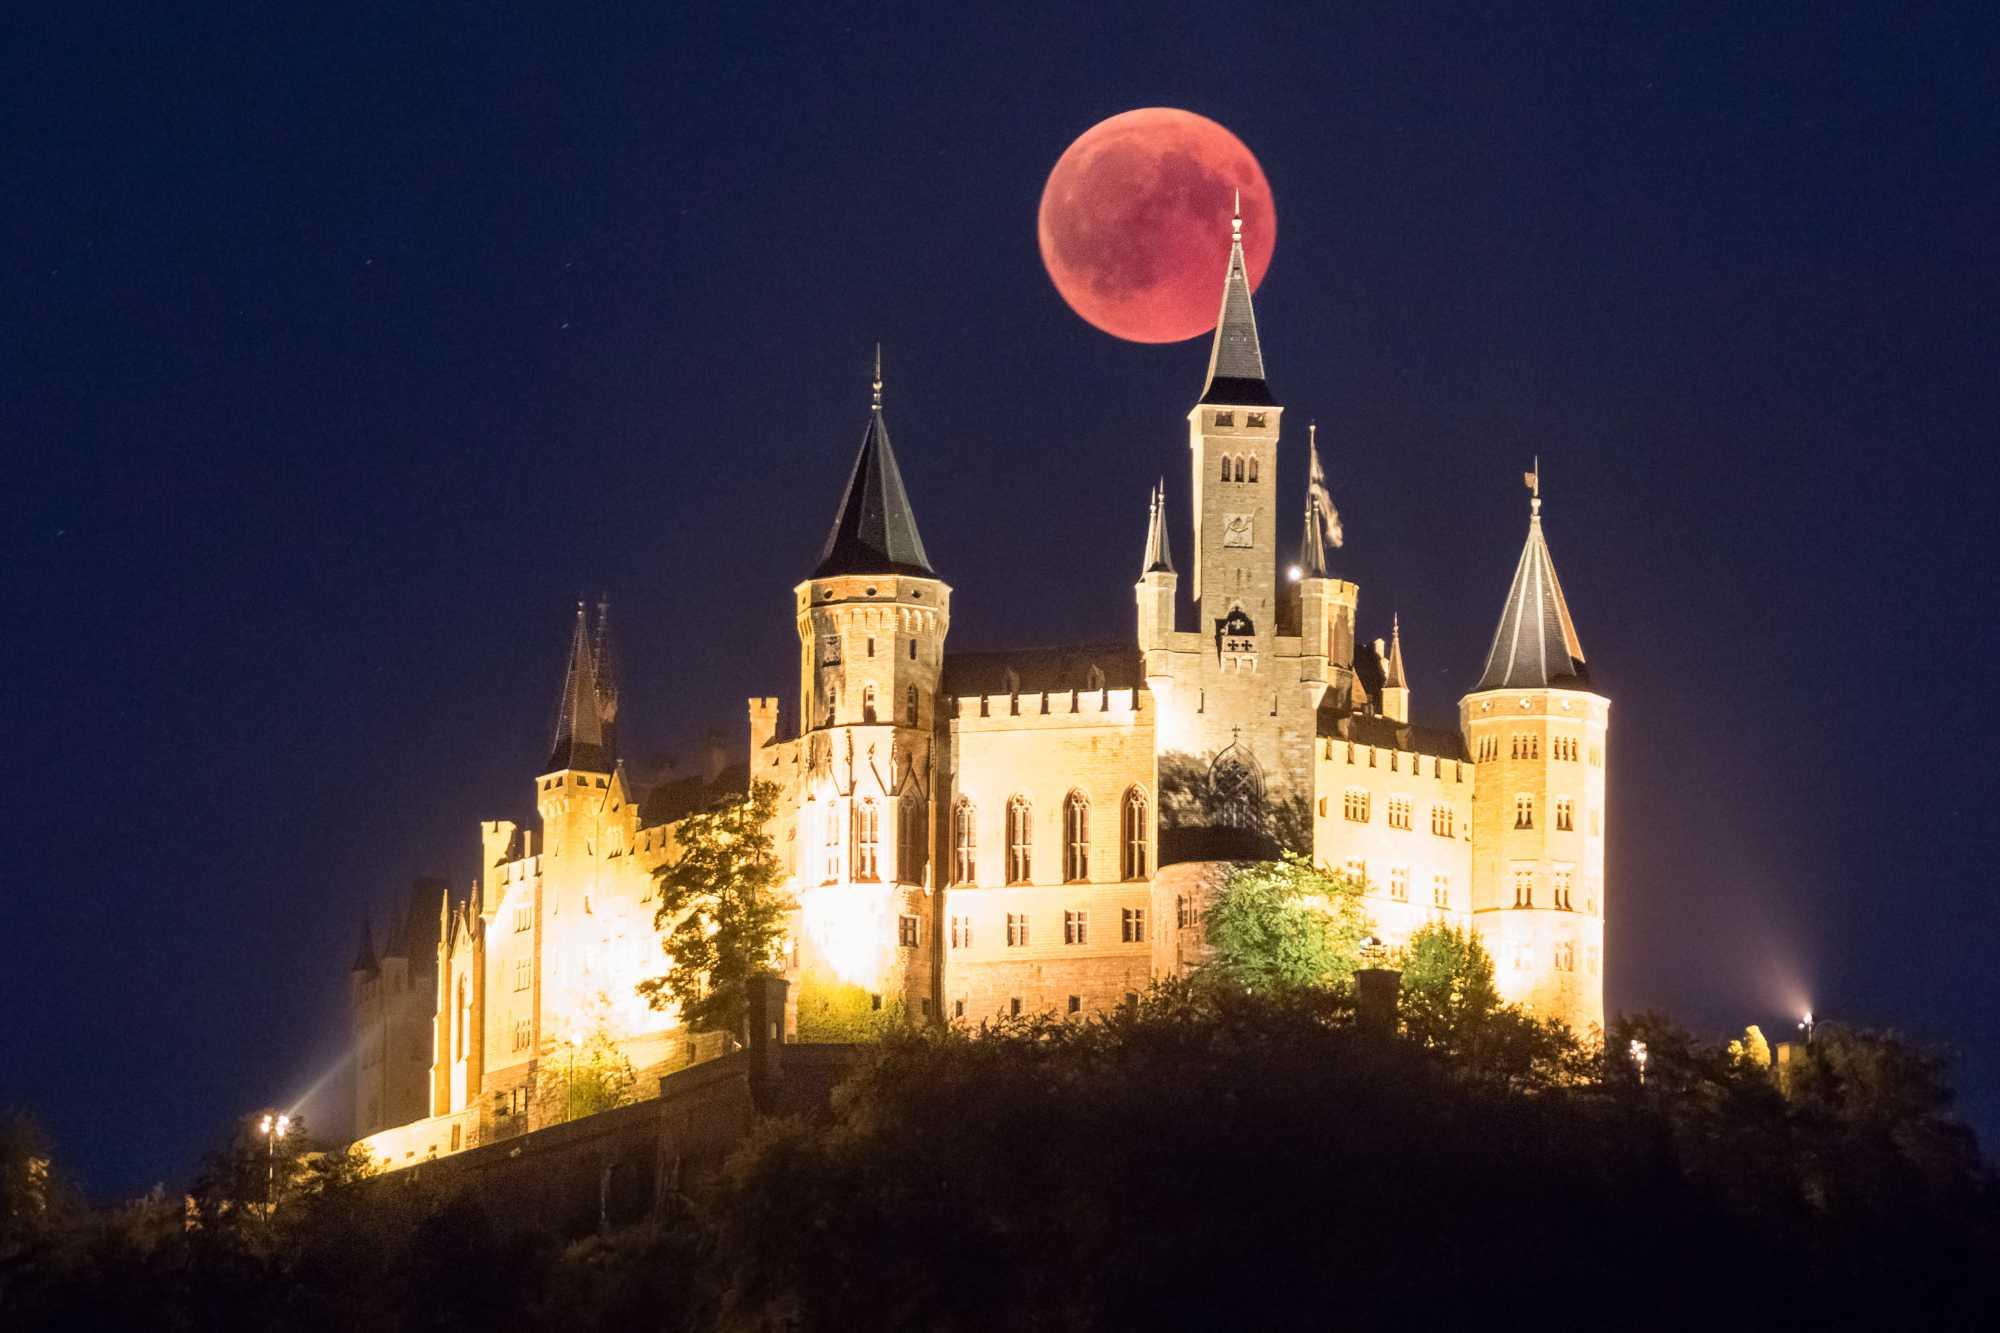 Wolkenfreier Himmel über dem Horizont ermöglichten es den Mond hinter der Burg Hohenzollern zu fotografieren.